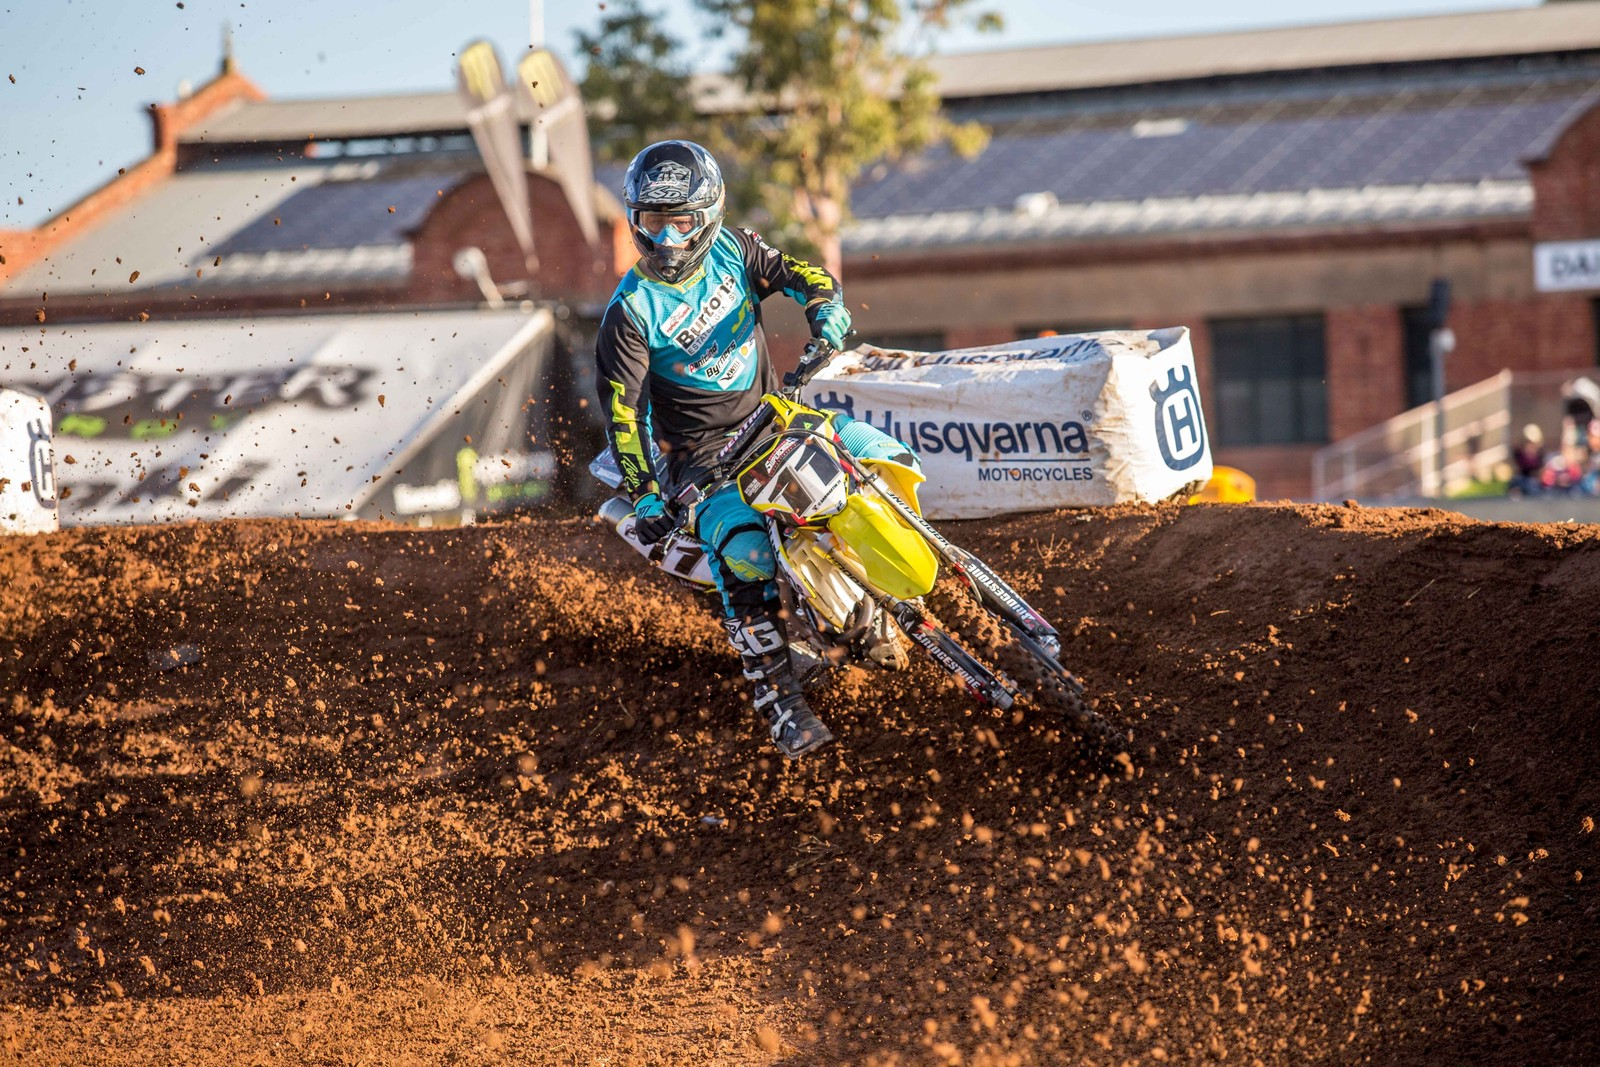 Sam Martin - Photo Blast: Australian Supercross Championship from Adelaide - Motocross Pictures - Vital MX